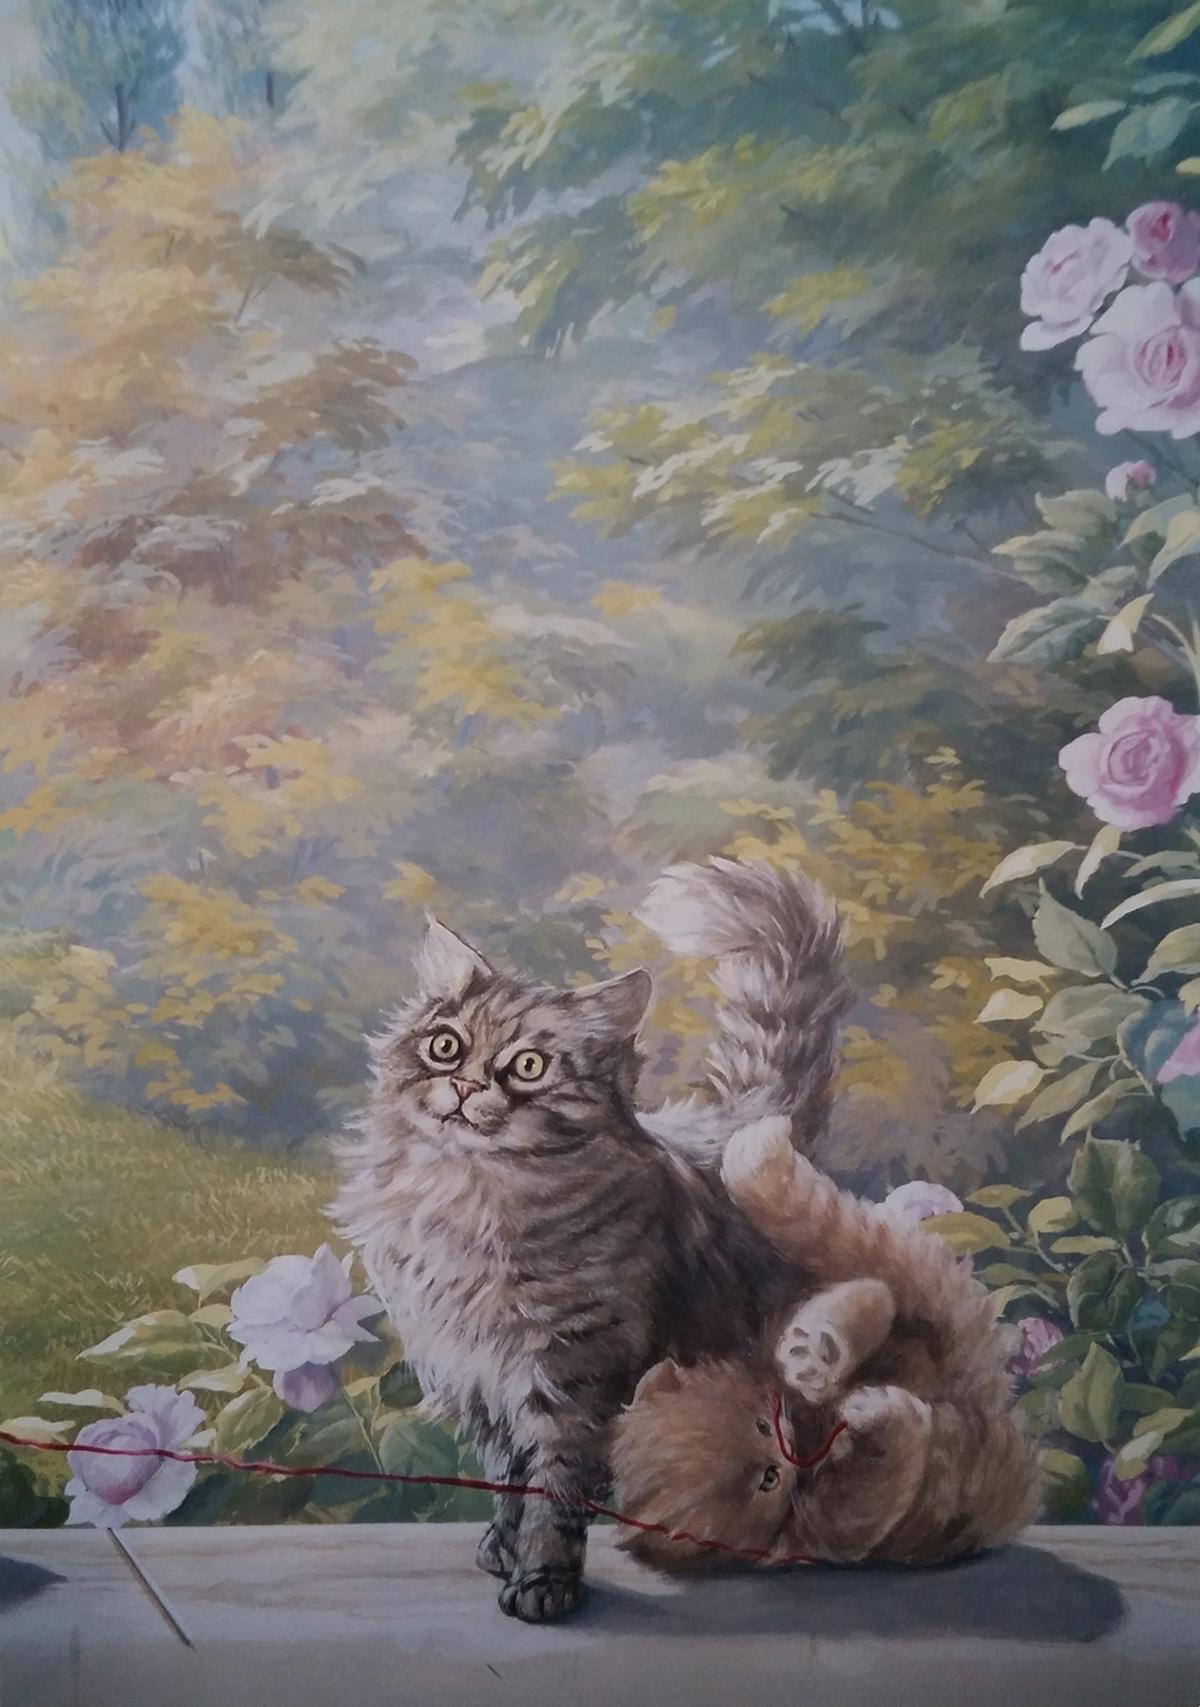 Veduta con gatti Residenza privata Roma Tecnica mista. Colorazione ad acrilico su tela. Cm 220x 160